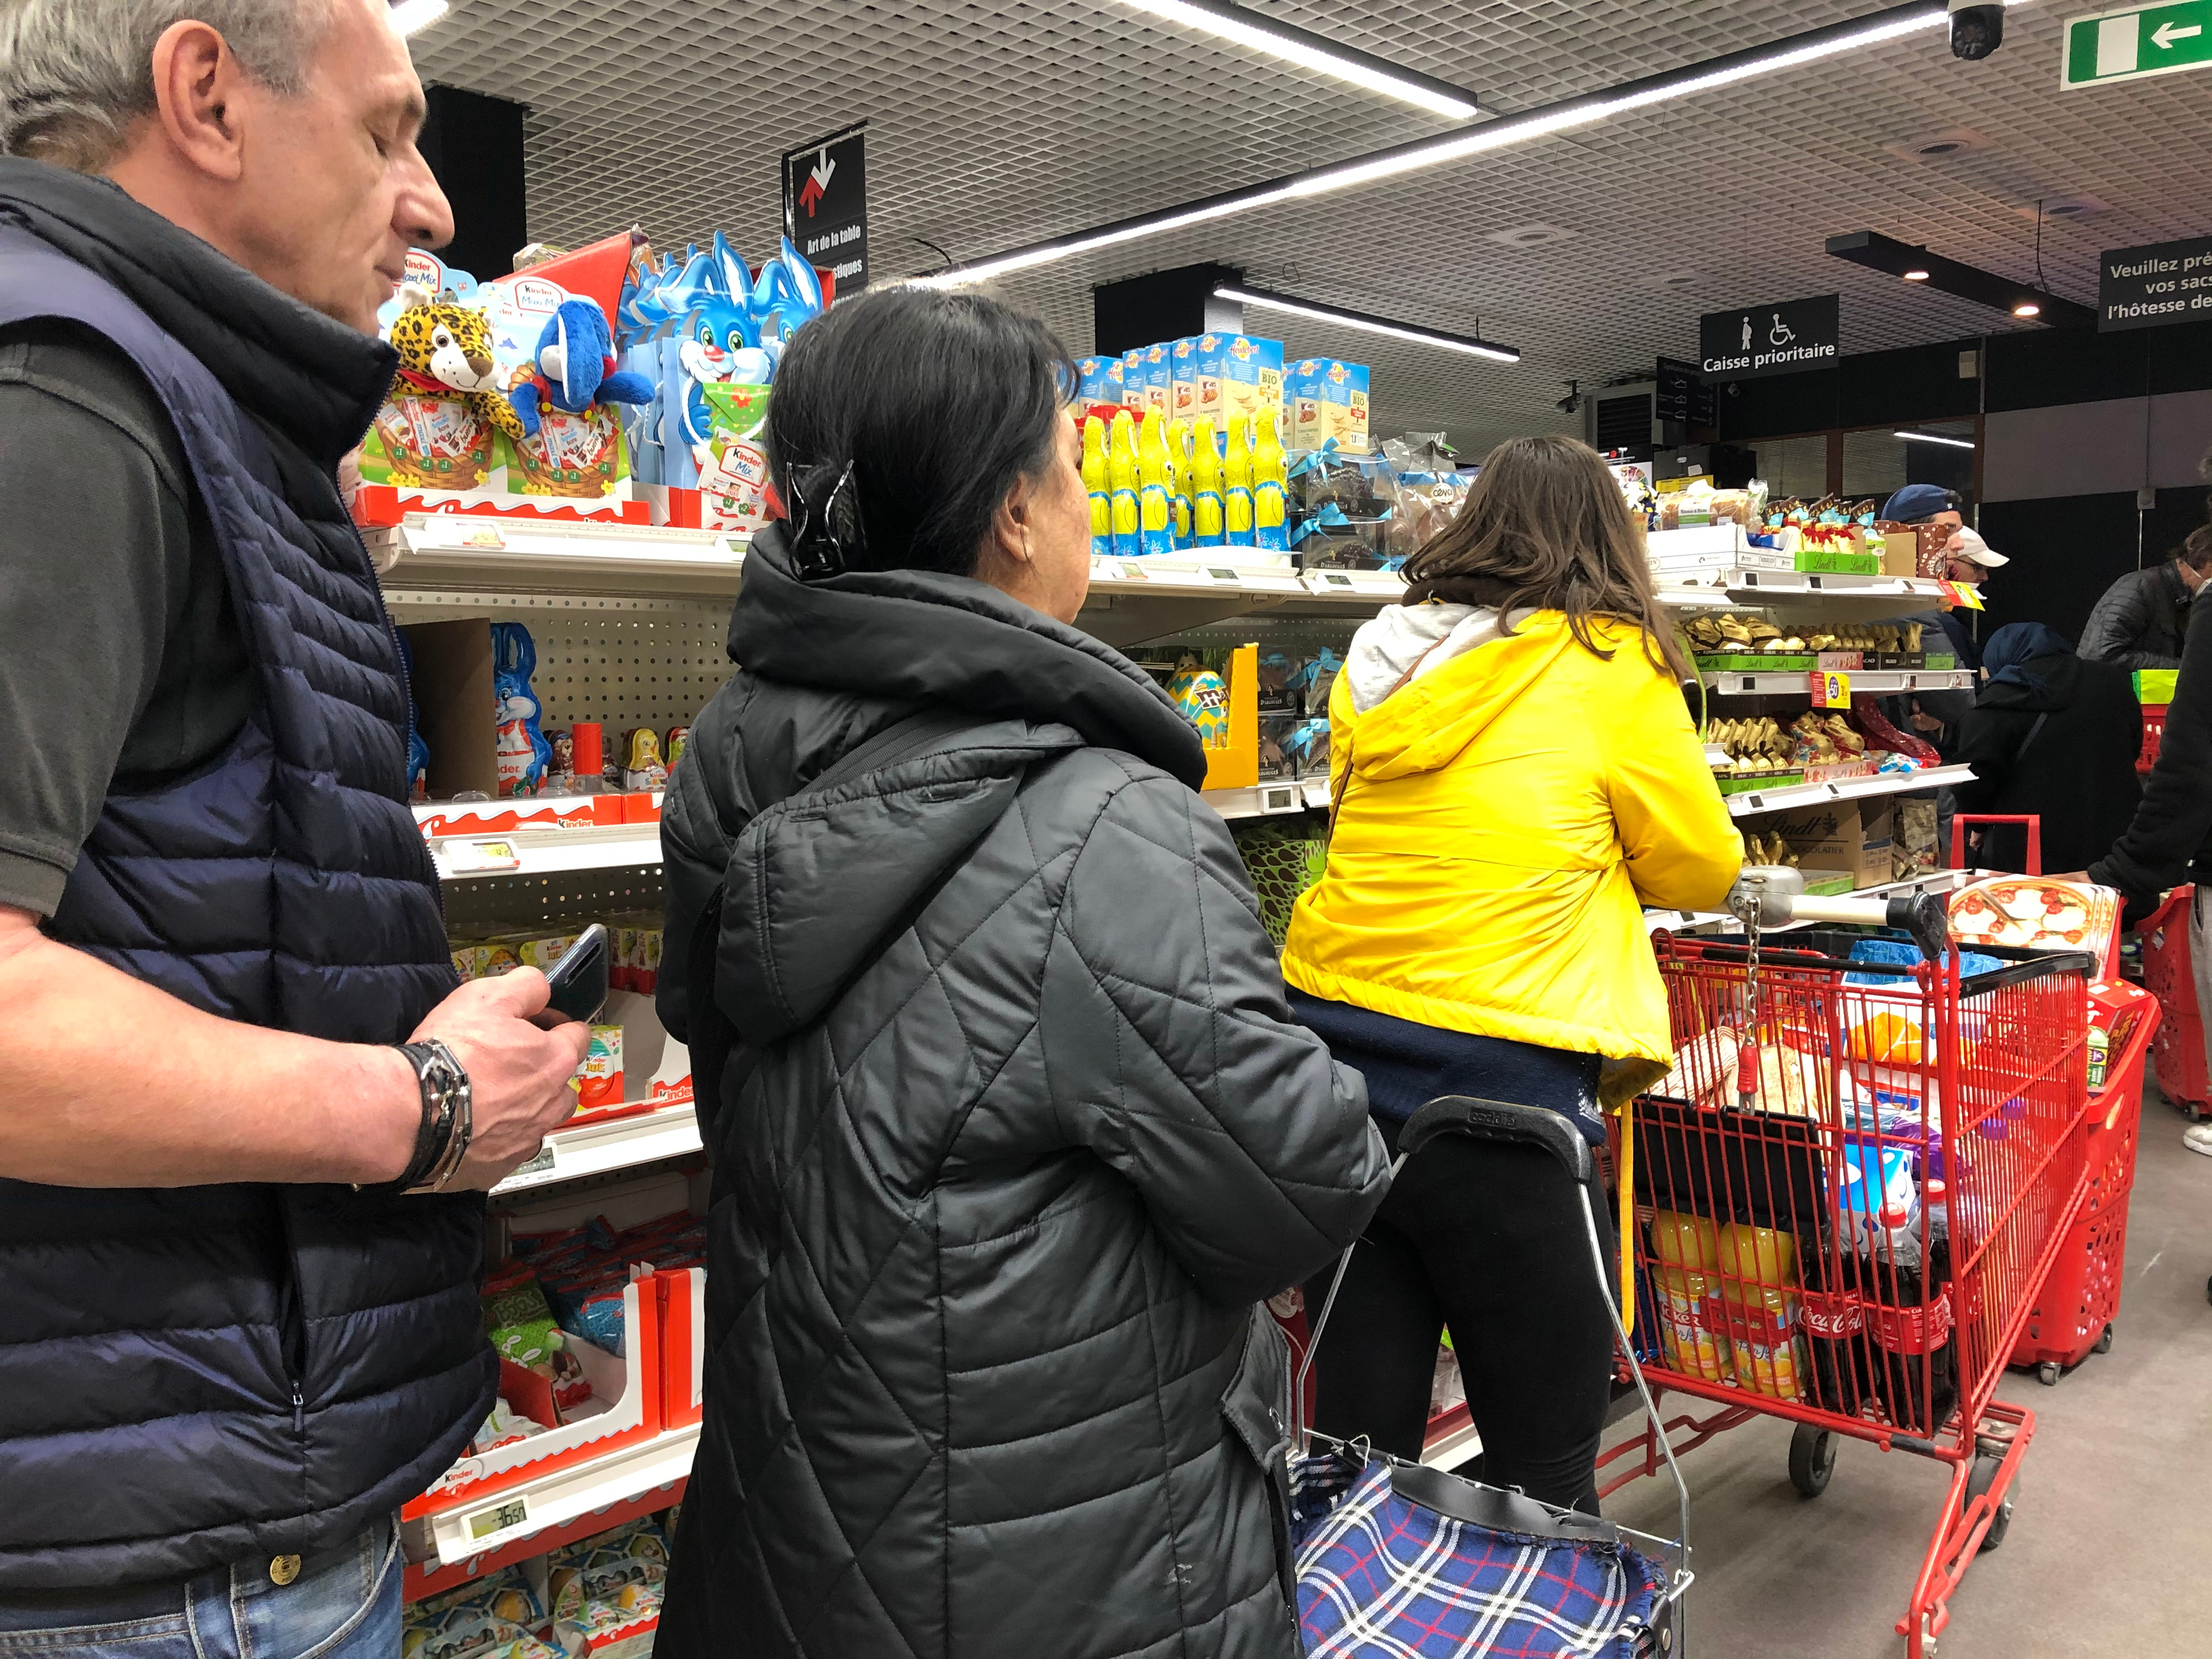 Ruée sur un supermarché juste quelques heures avant l'annonce de confinement. Shutterstock